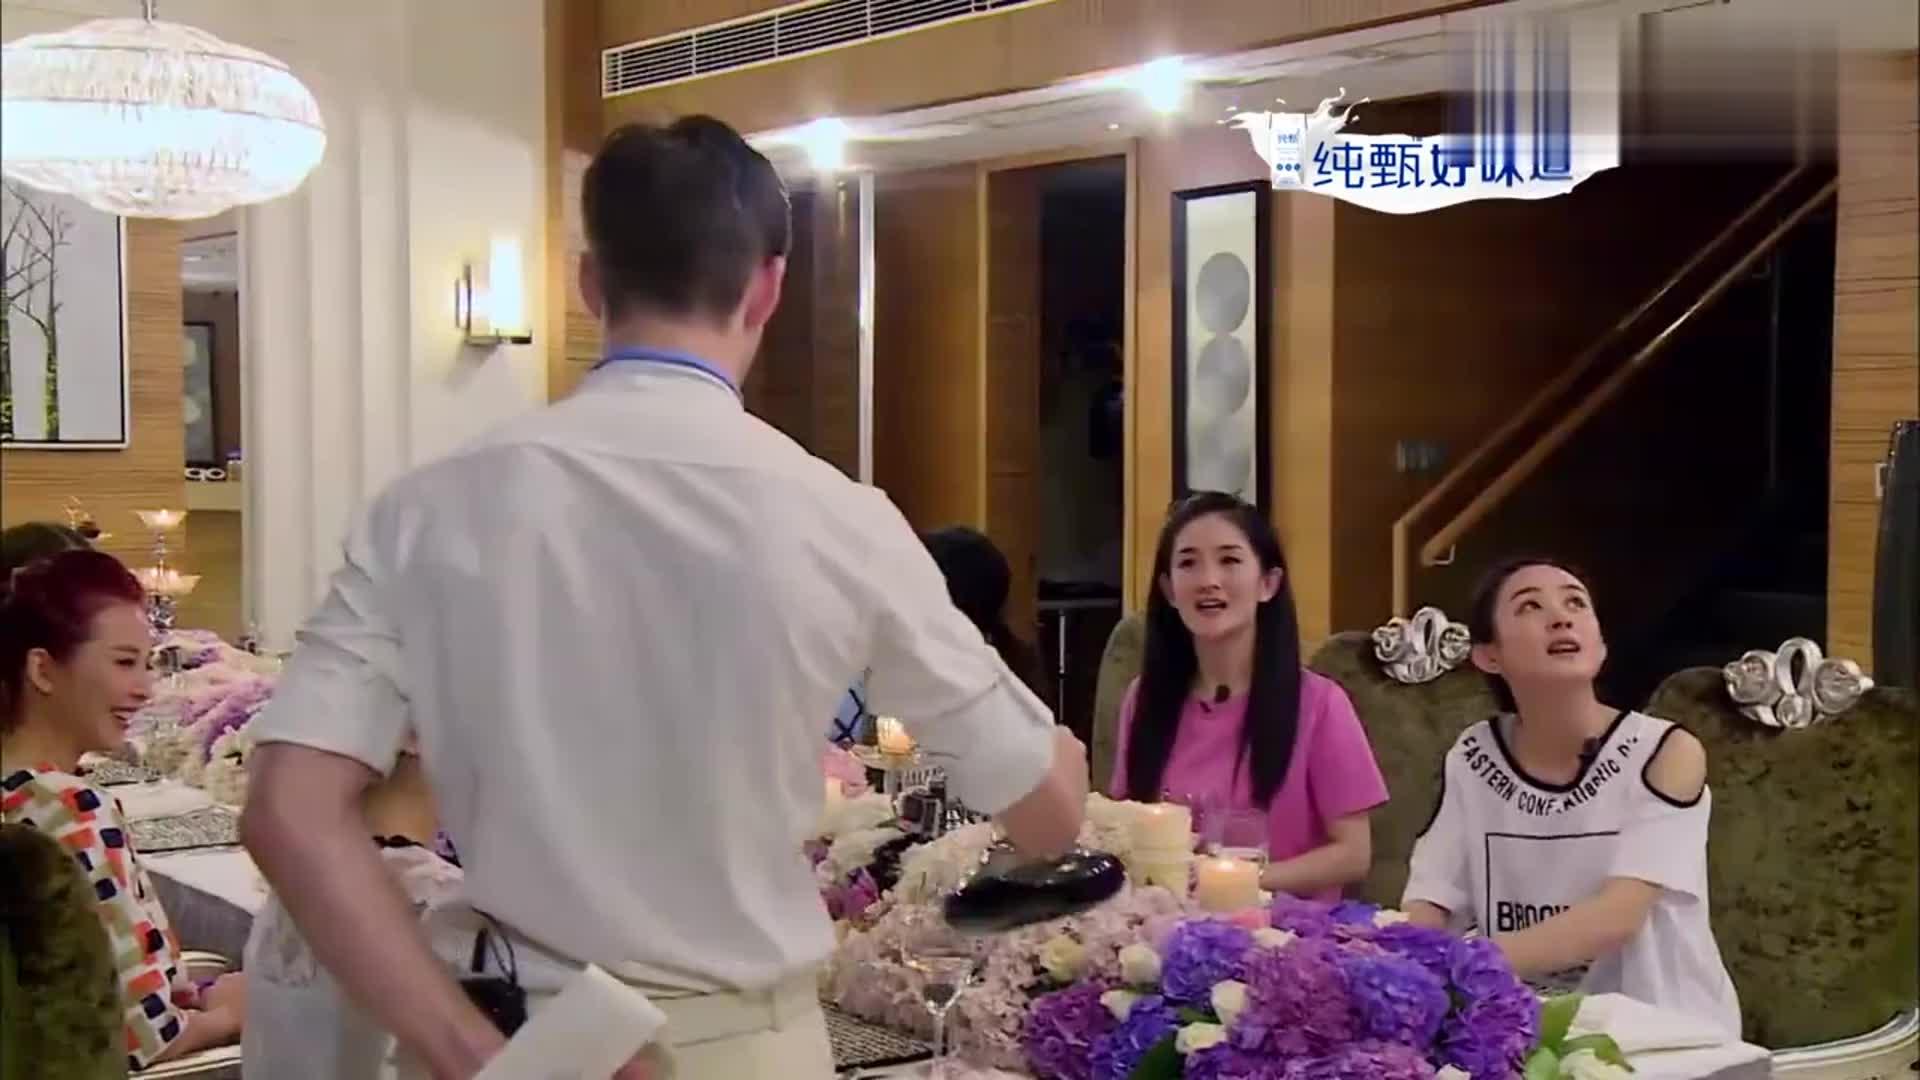 蔡少芬见汪涵重逢太激动,拿起酒杯一饮而尽,网友-不愧是皇后!